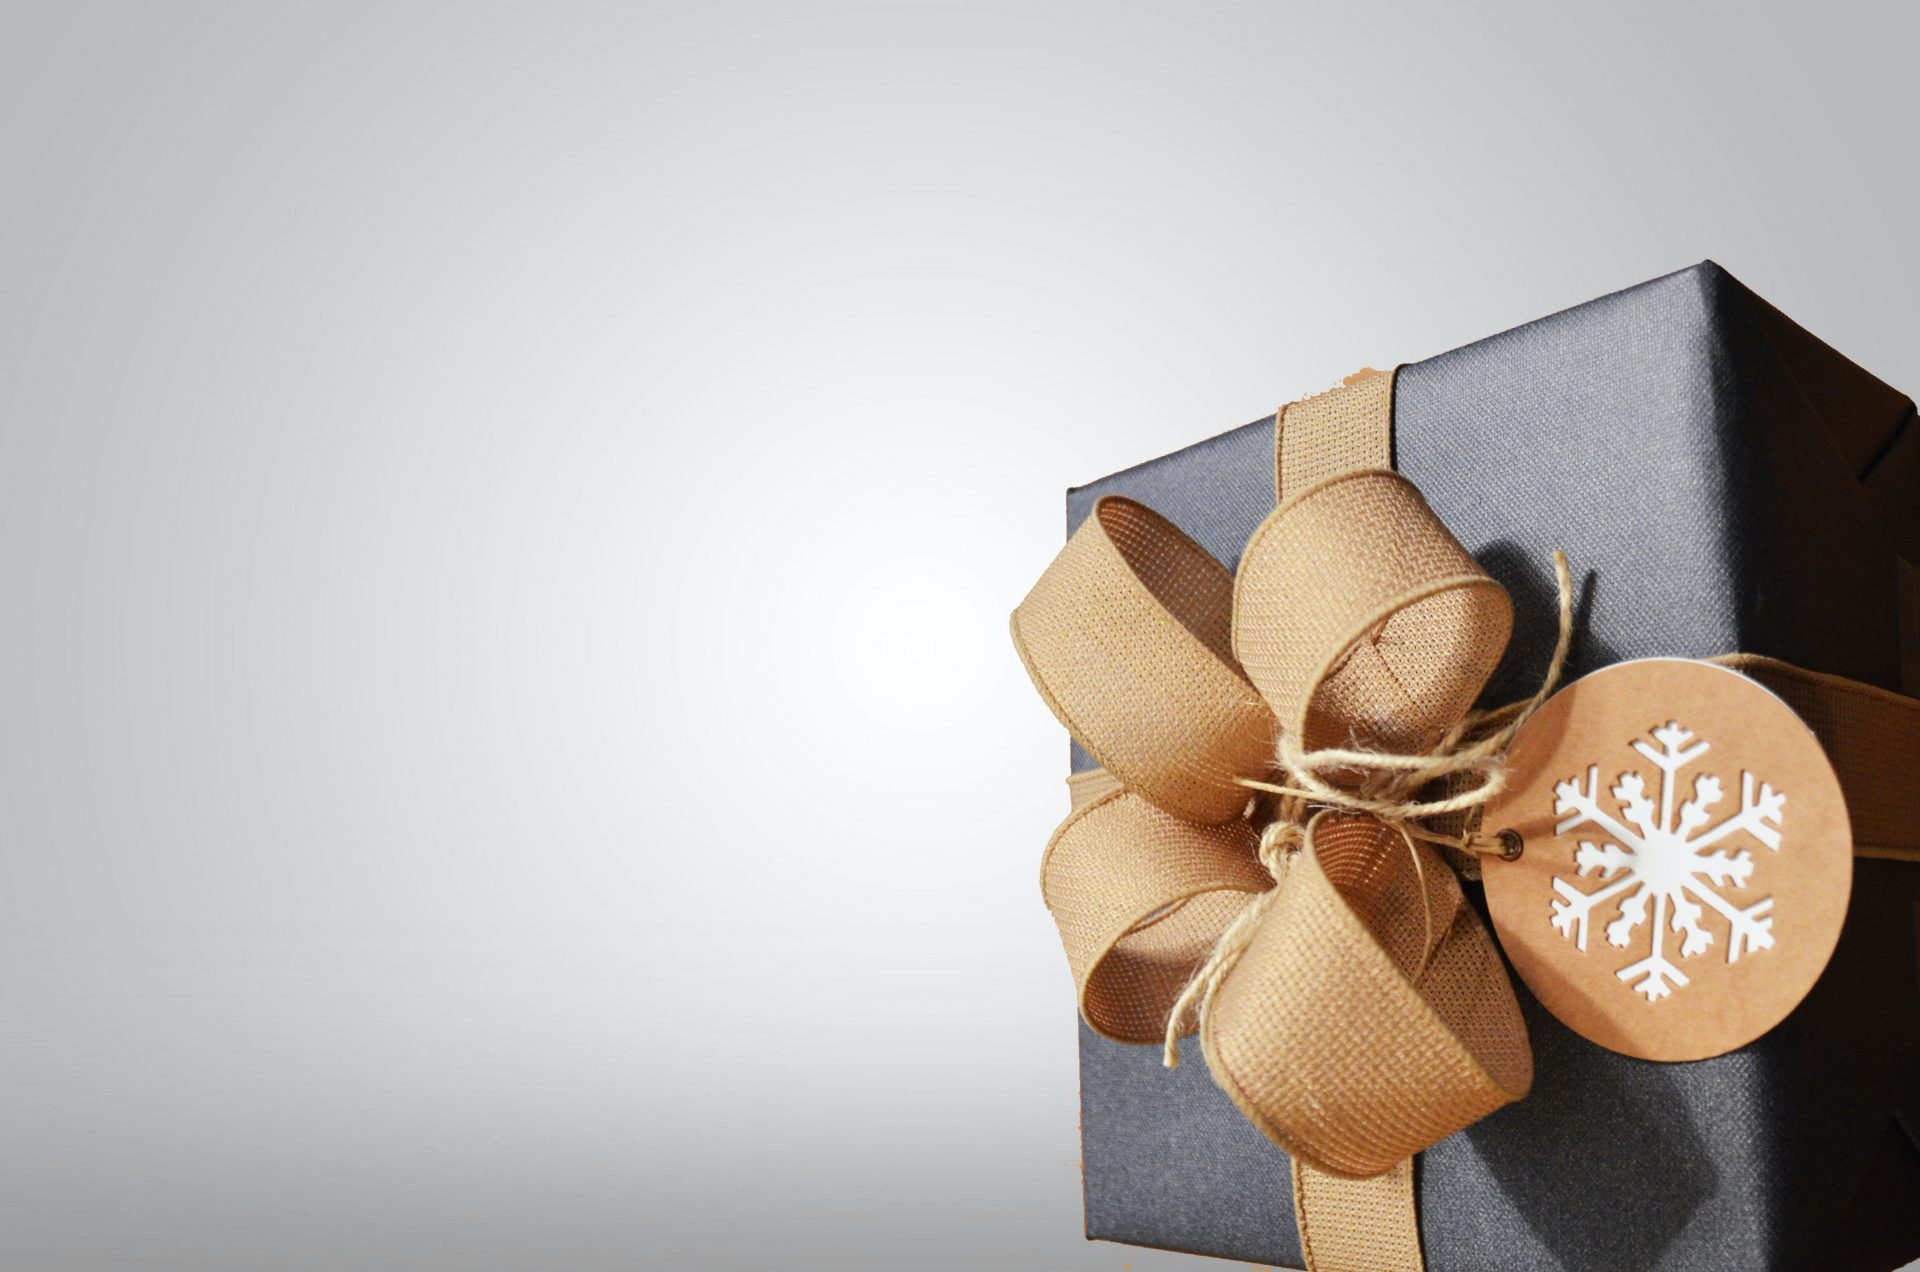 firma julegaver